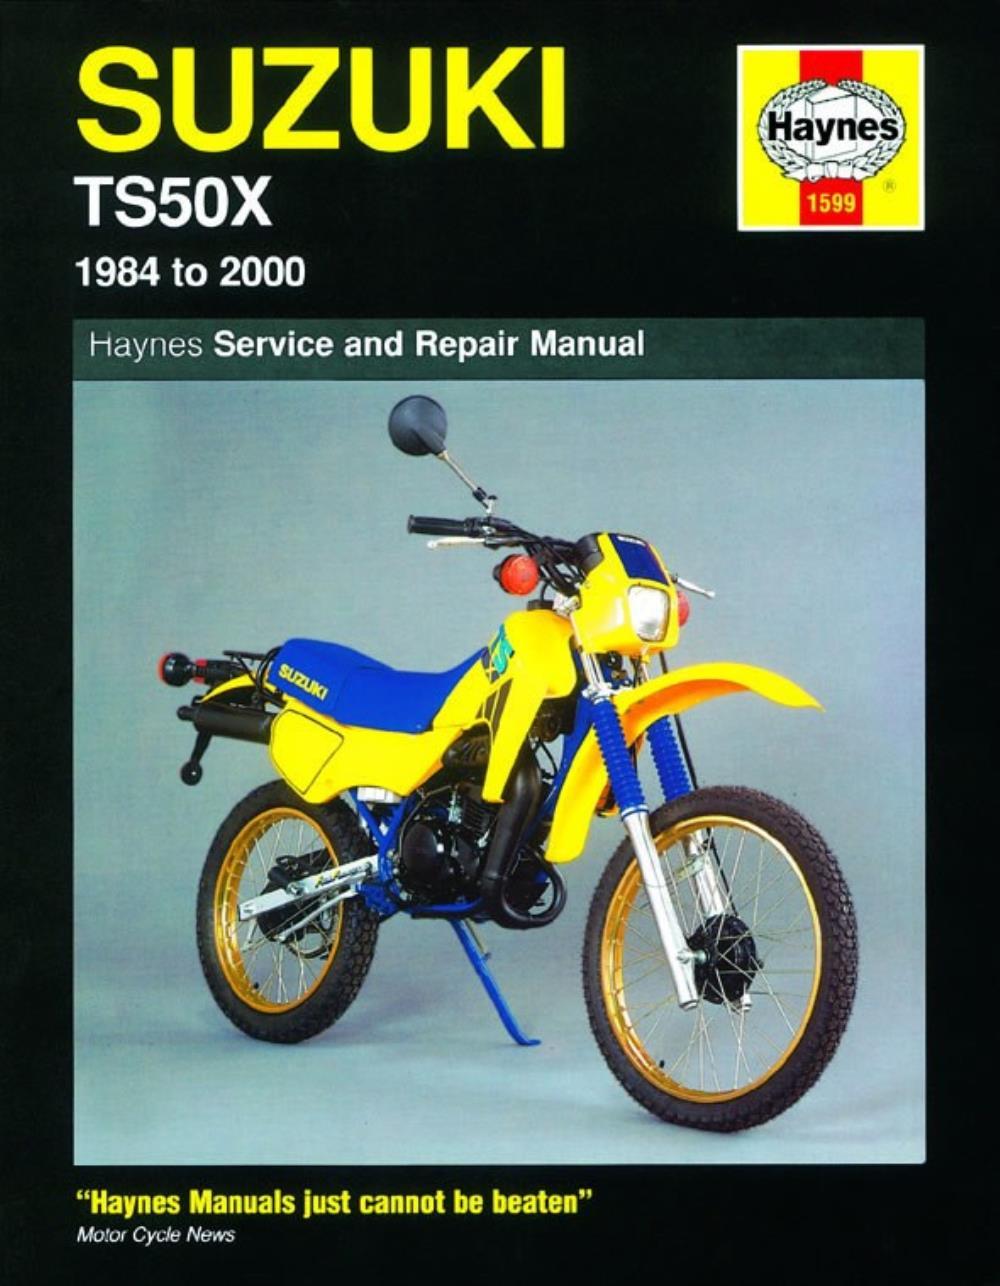 Suzuki Ts 50 X Wiring Diagram - Wiring Diagram Structure on